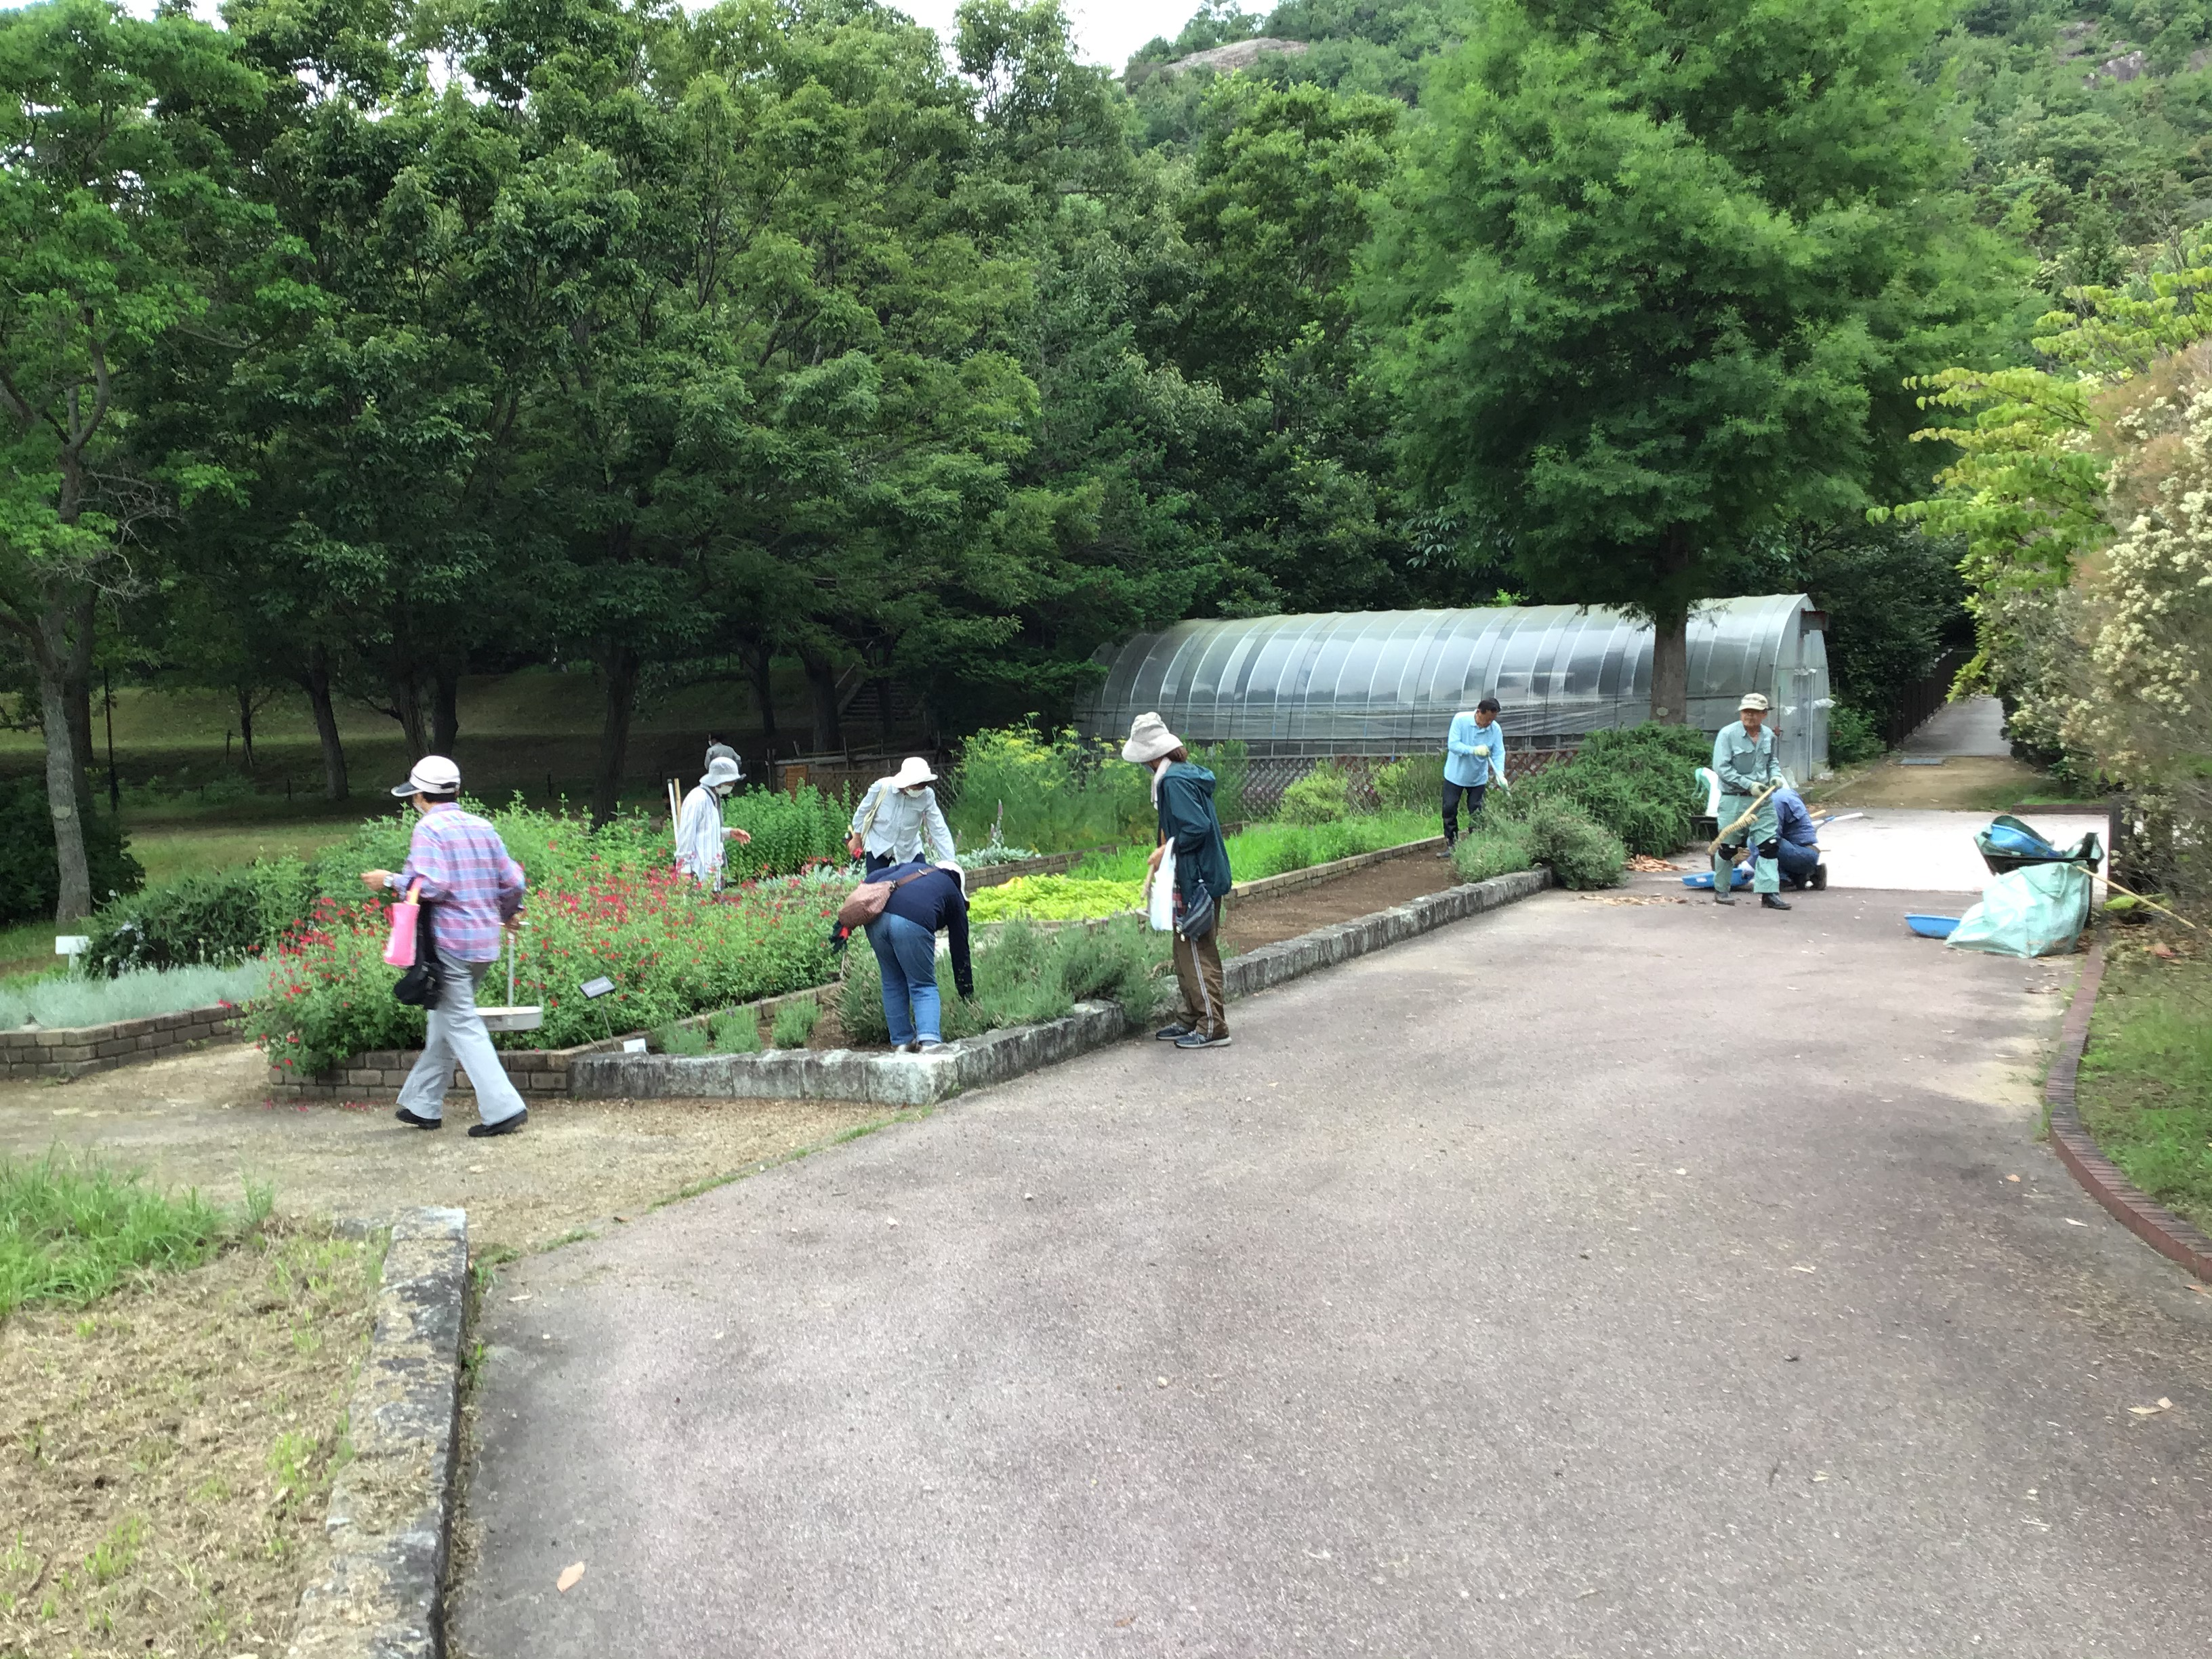 【参考】ワイルドストロベリーっていうボランティア団体が市ノ池公園を月1で清掃奉仕。(主にハーブガーデン)